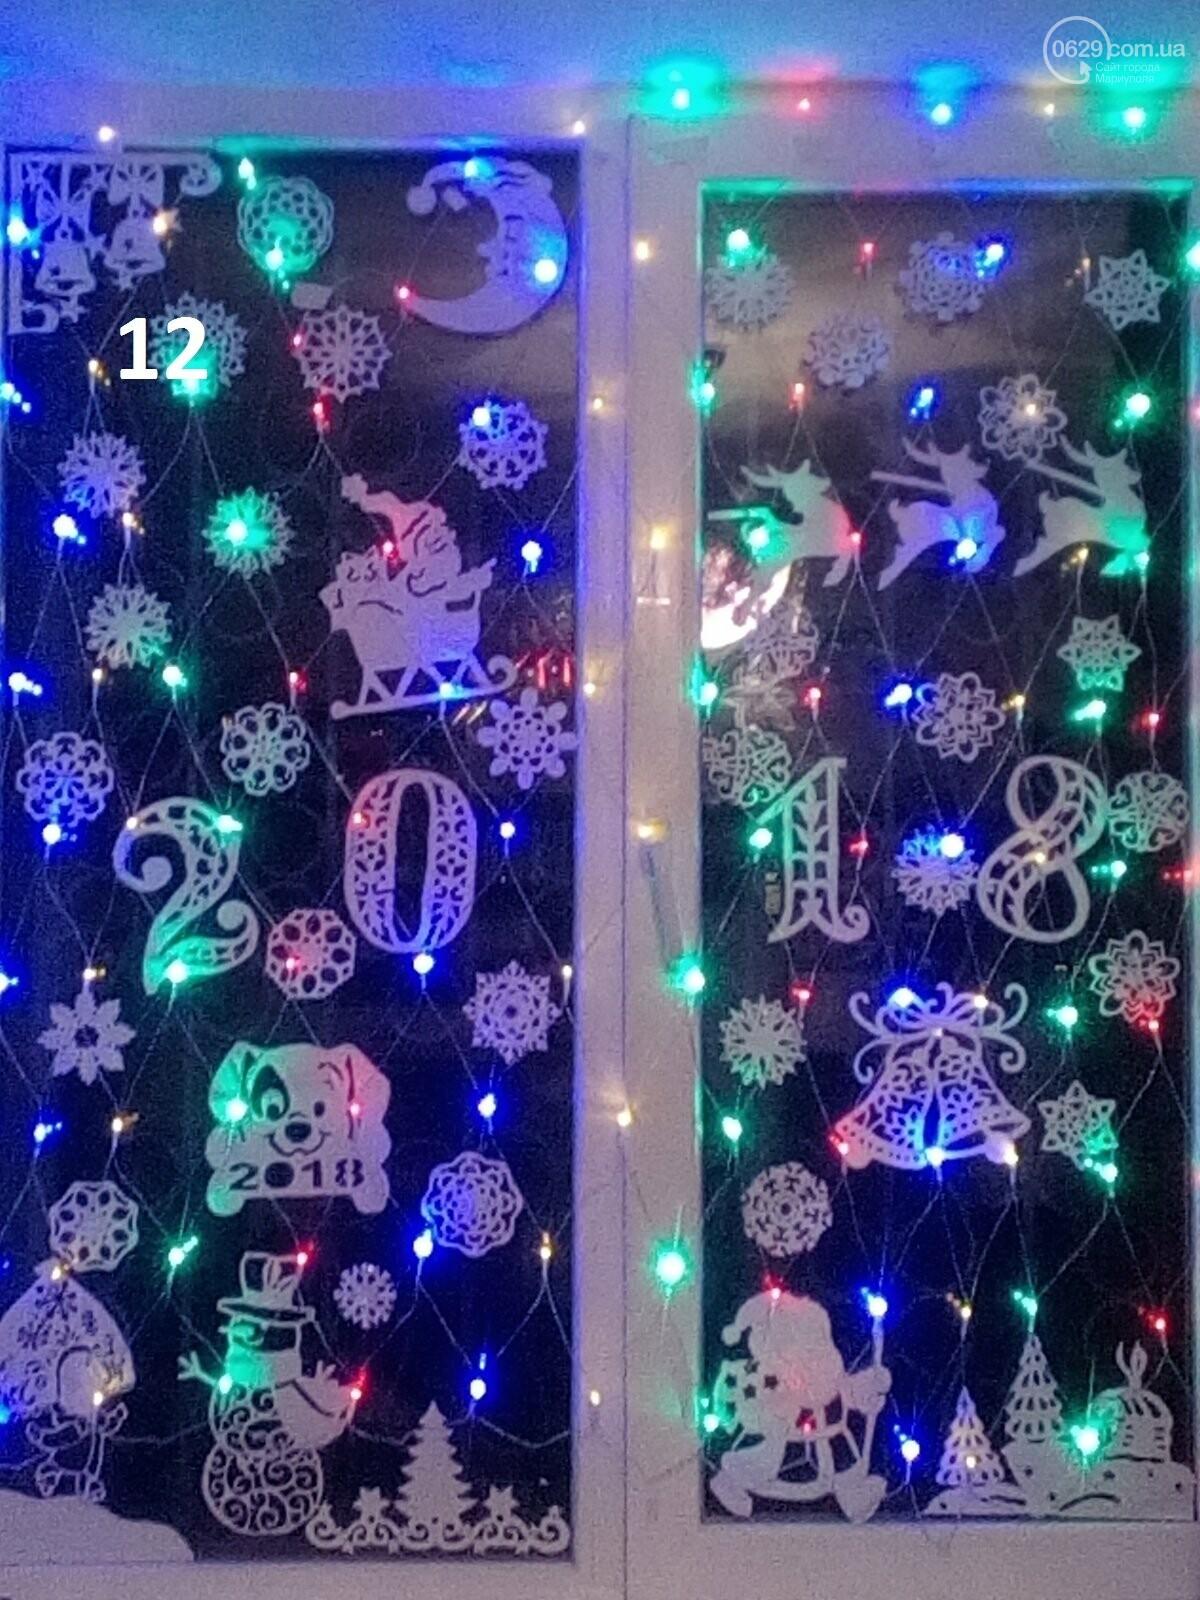 """Конкурс """"Новогоднее окно"""". Начинаем голосование, фото-7"""